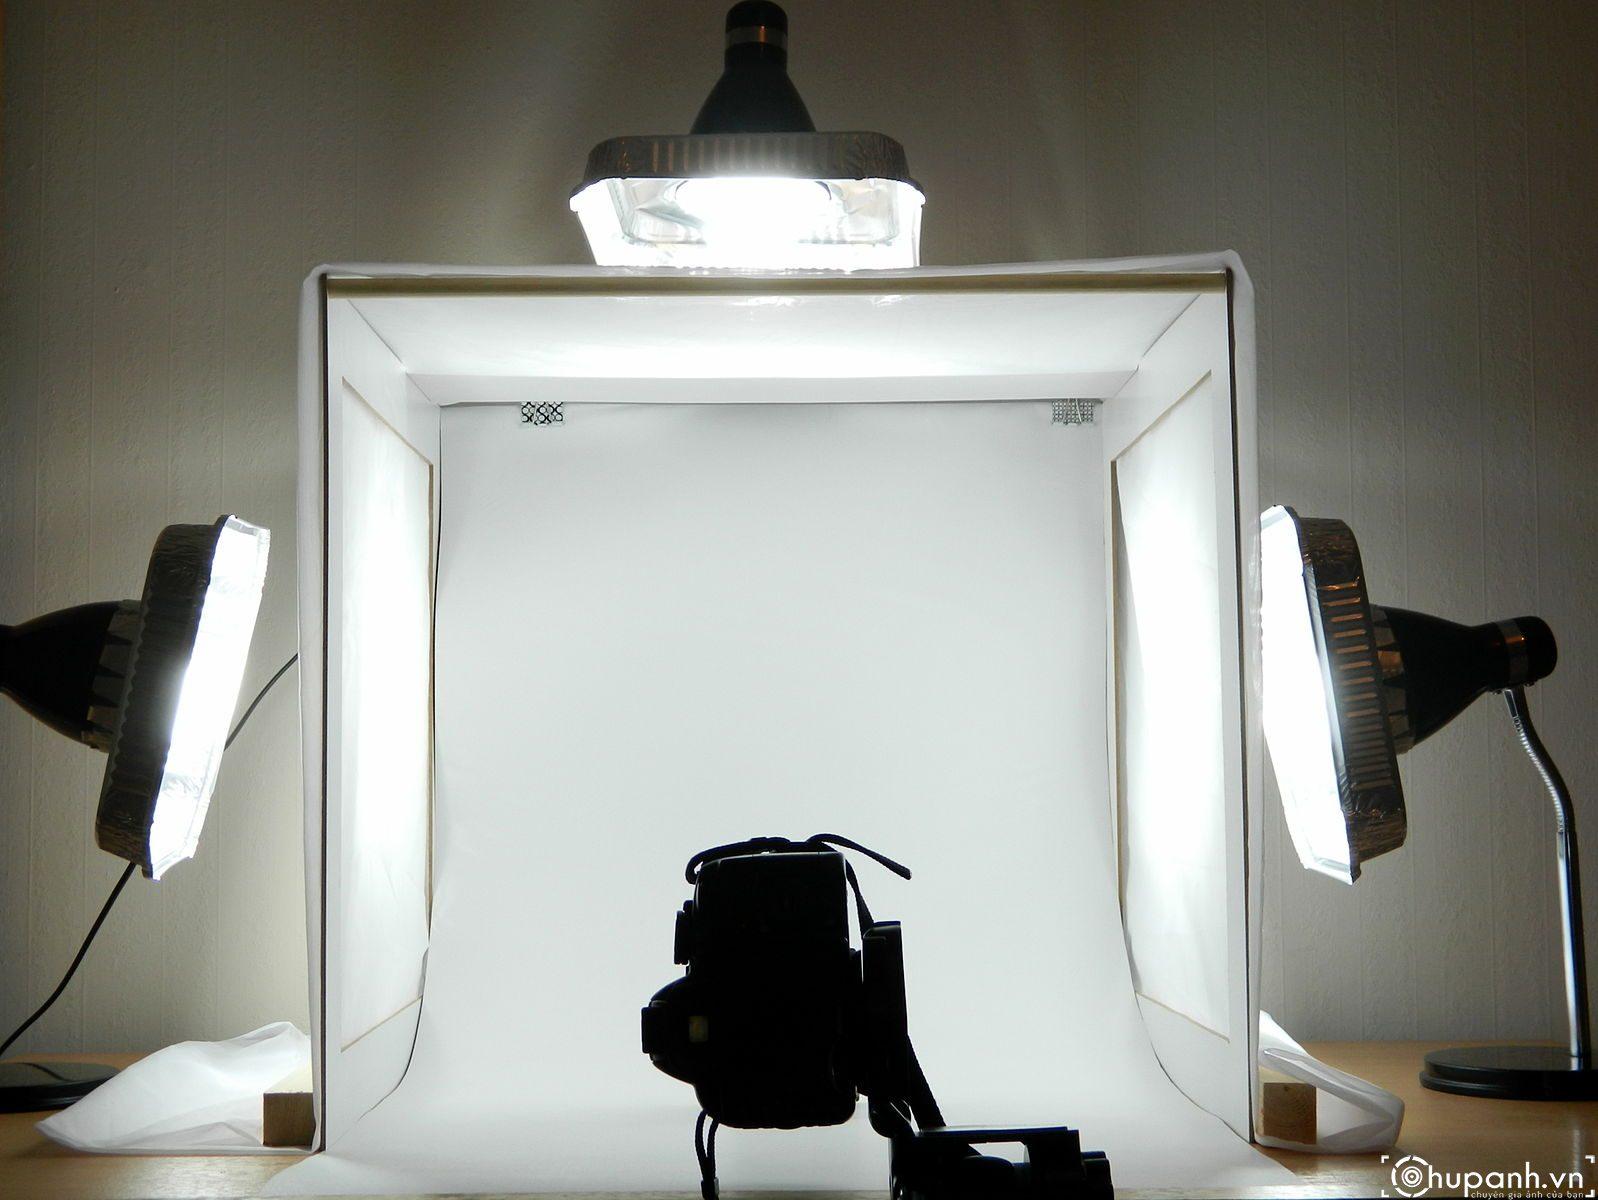 Nghệ thuật sắp đặt ánh sáng chụp ảnh sản phẩm đẹp | ChụpẢnh.vn - Dịch vụ chụp ảnh đẹp Hà Nội - Sài Gòn